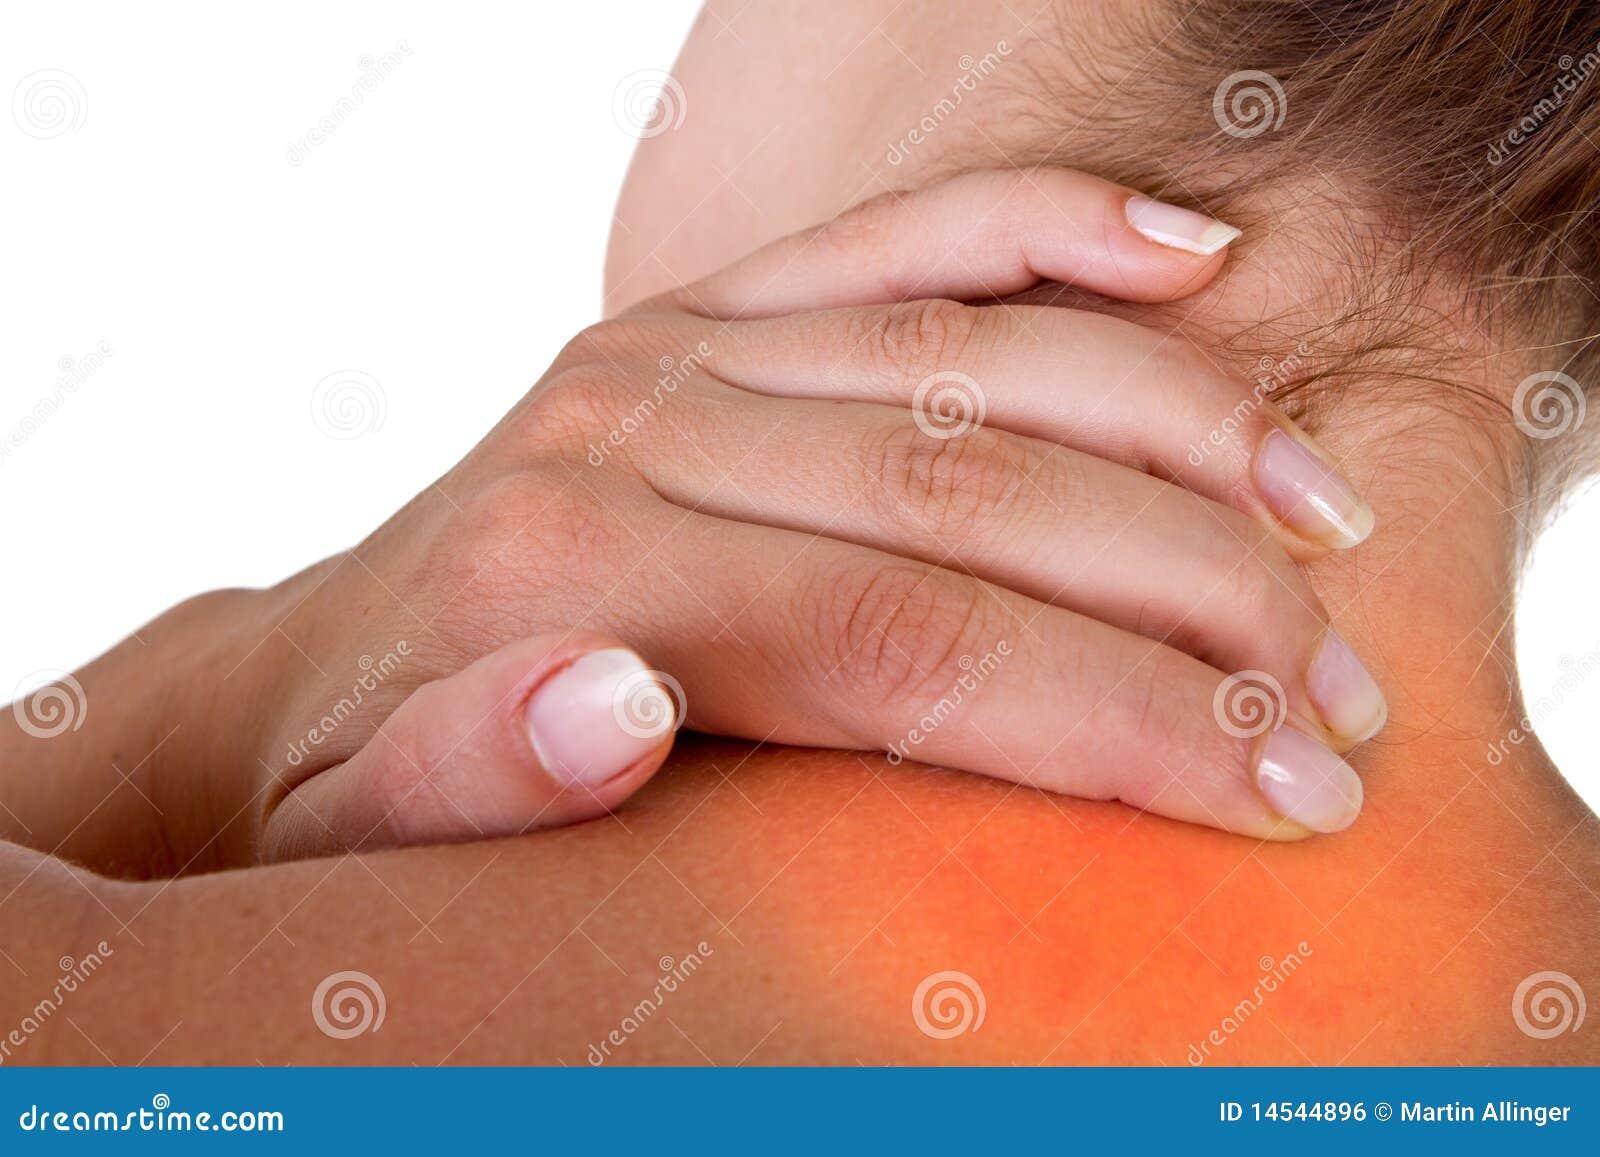 Aux gauches le côté inférieur du dos fait mal